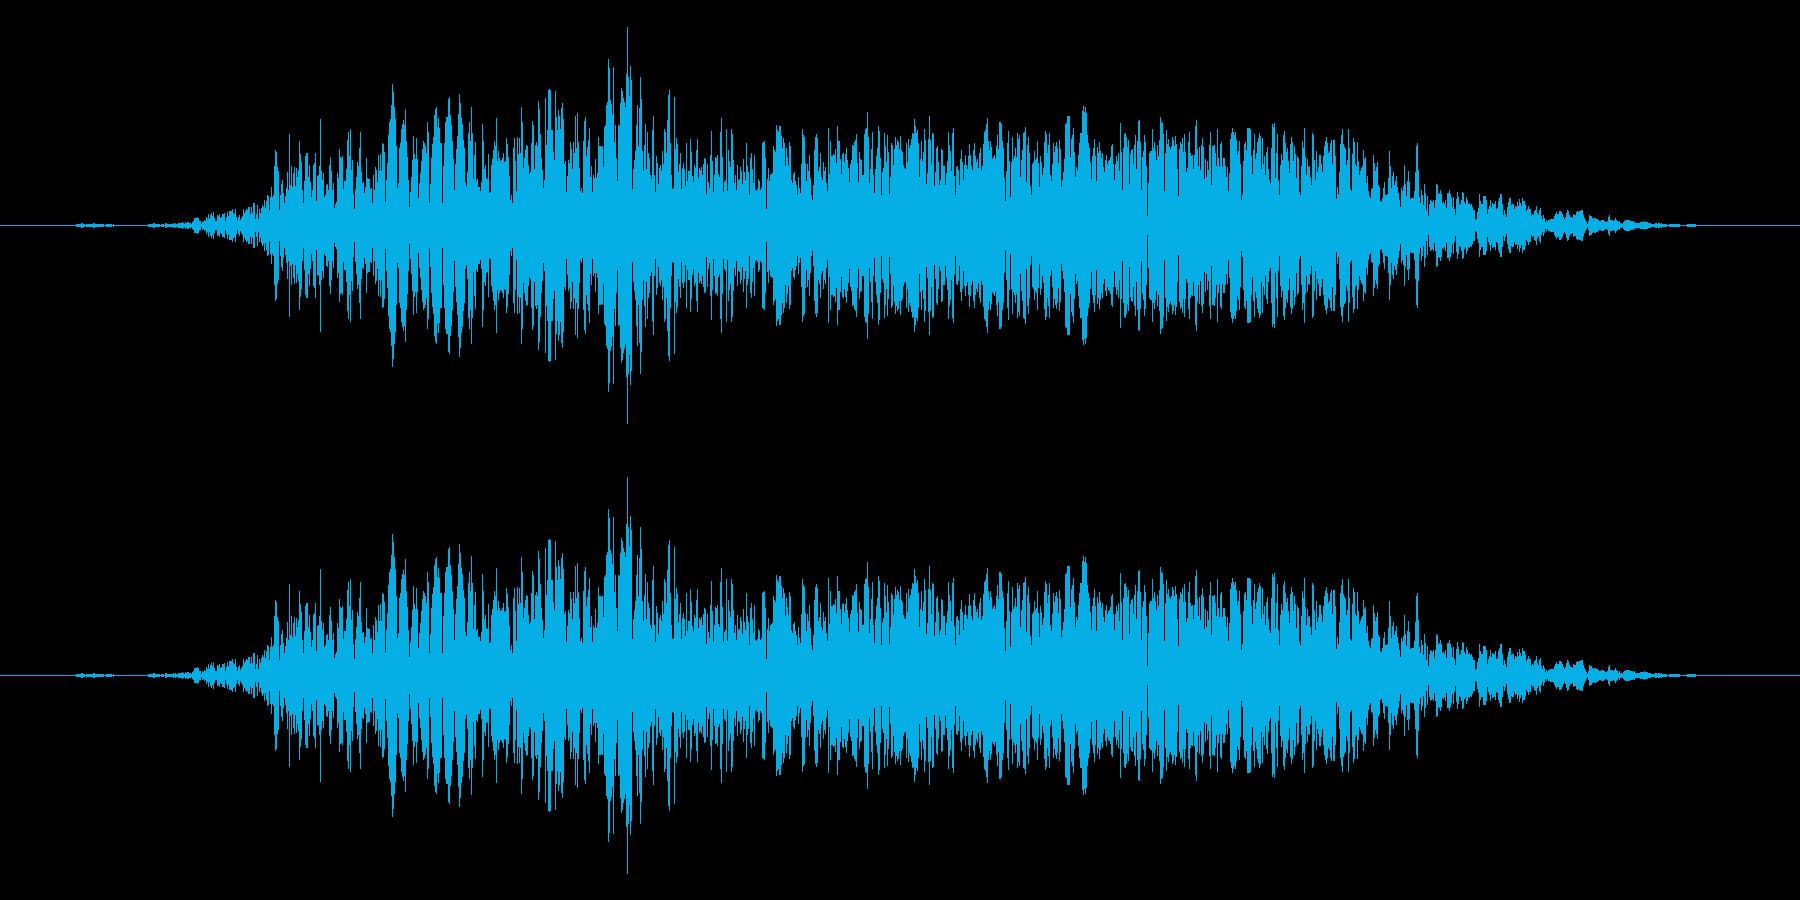 【打撃音09】パンチやキックに最適です!の再生済みの波形